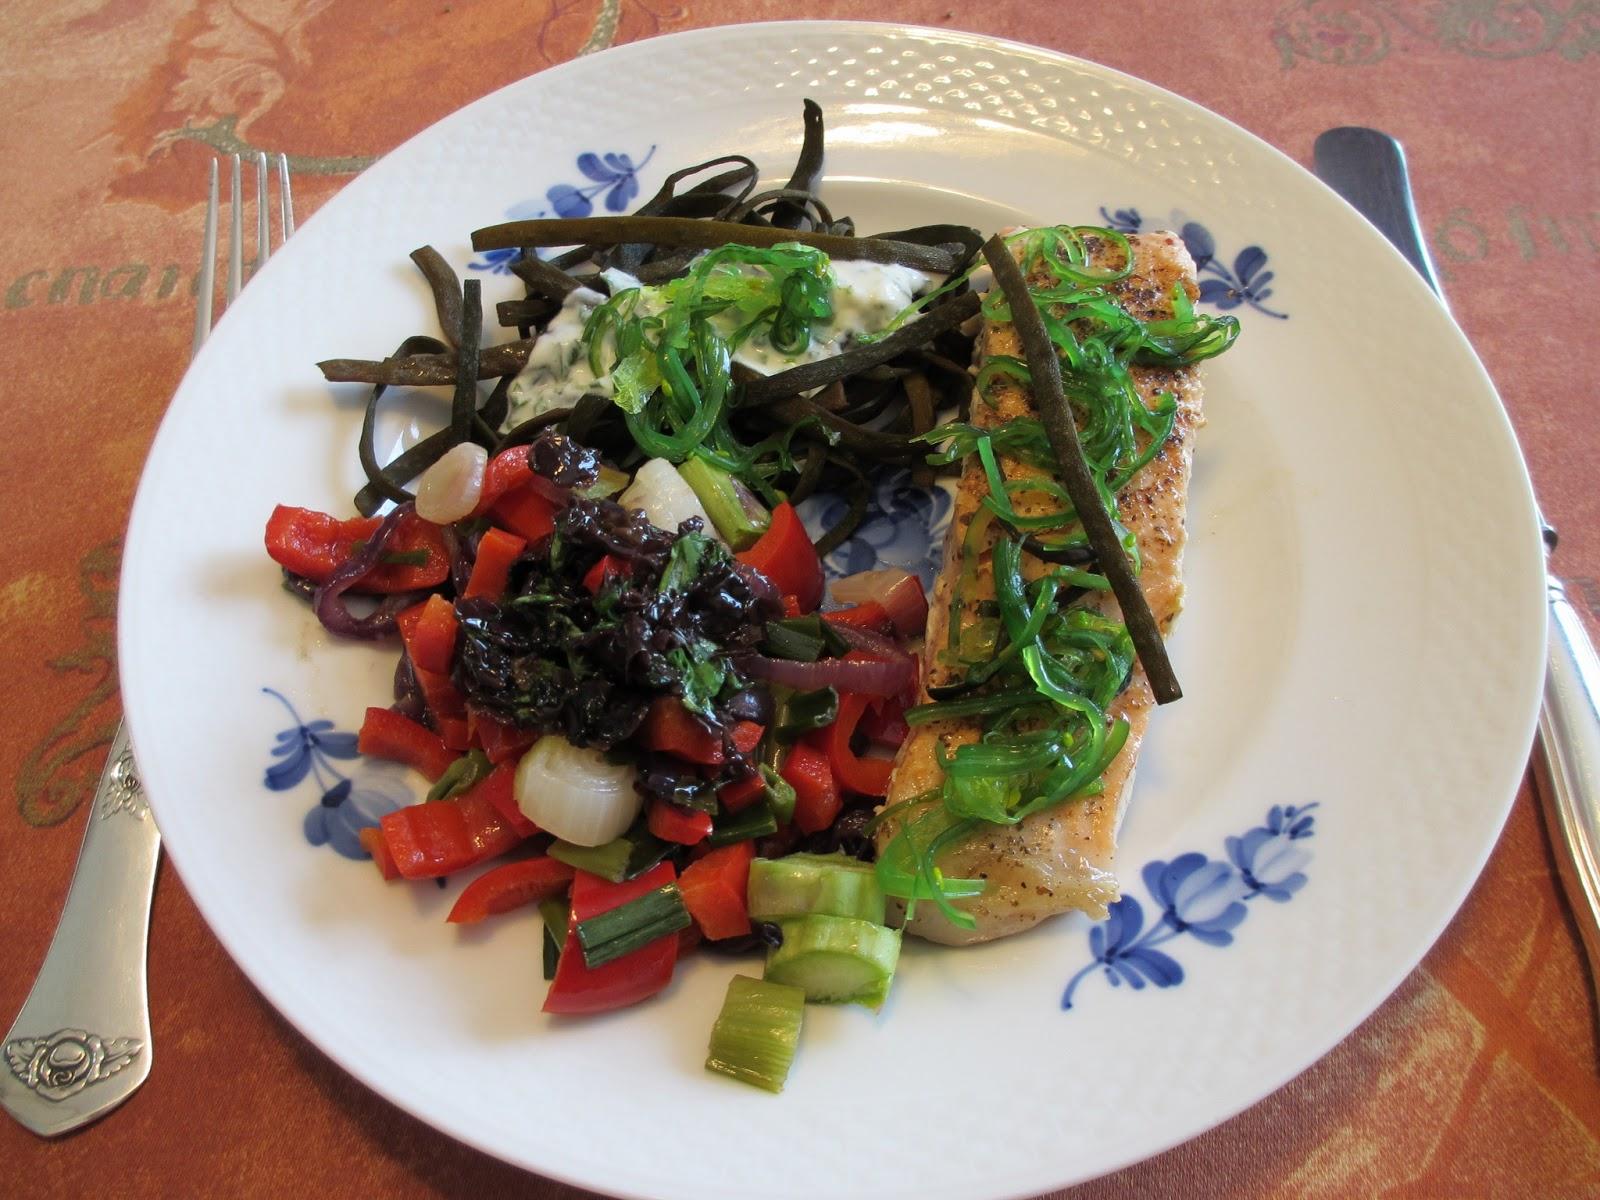 Bedstemors TangMad: Ristet laks med wakame, tangspagetti Tagliatelle og grøntsager med tangsalat